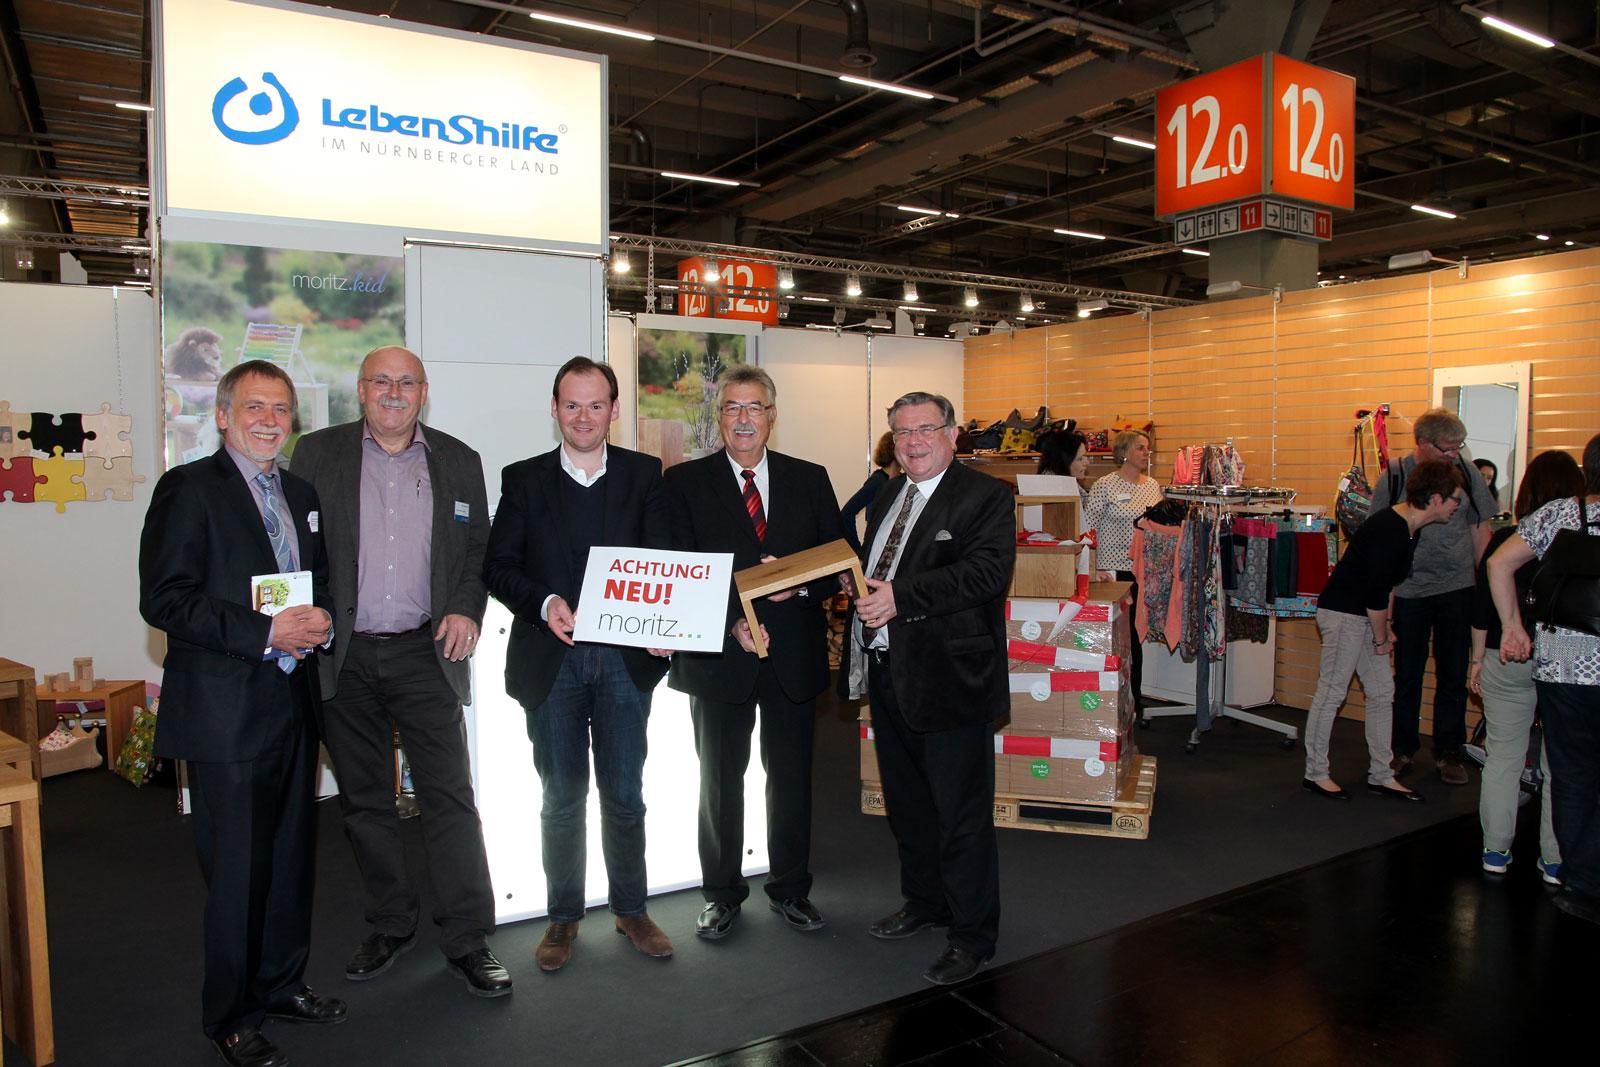 Moritz-Produkte kommen an, das freut besonders Werkstattleiter Hans-Manfred Wolf, Dennis Kummarnitzky von der Geschäftsleitung der Lebenshilfe und Lebenshilfe-Chef John. Begeistert von den Produkten aus der Region ist 1. Bürgermeister Konrad Rupprecht.